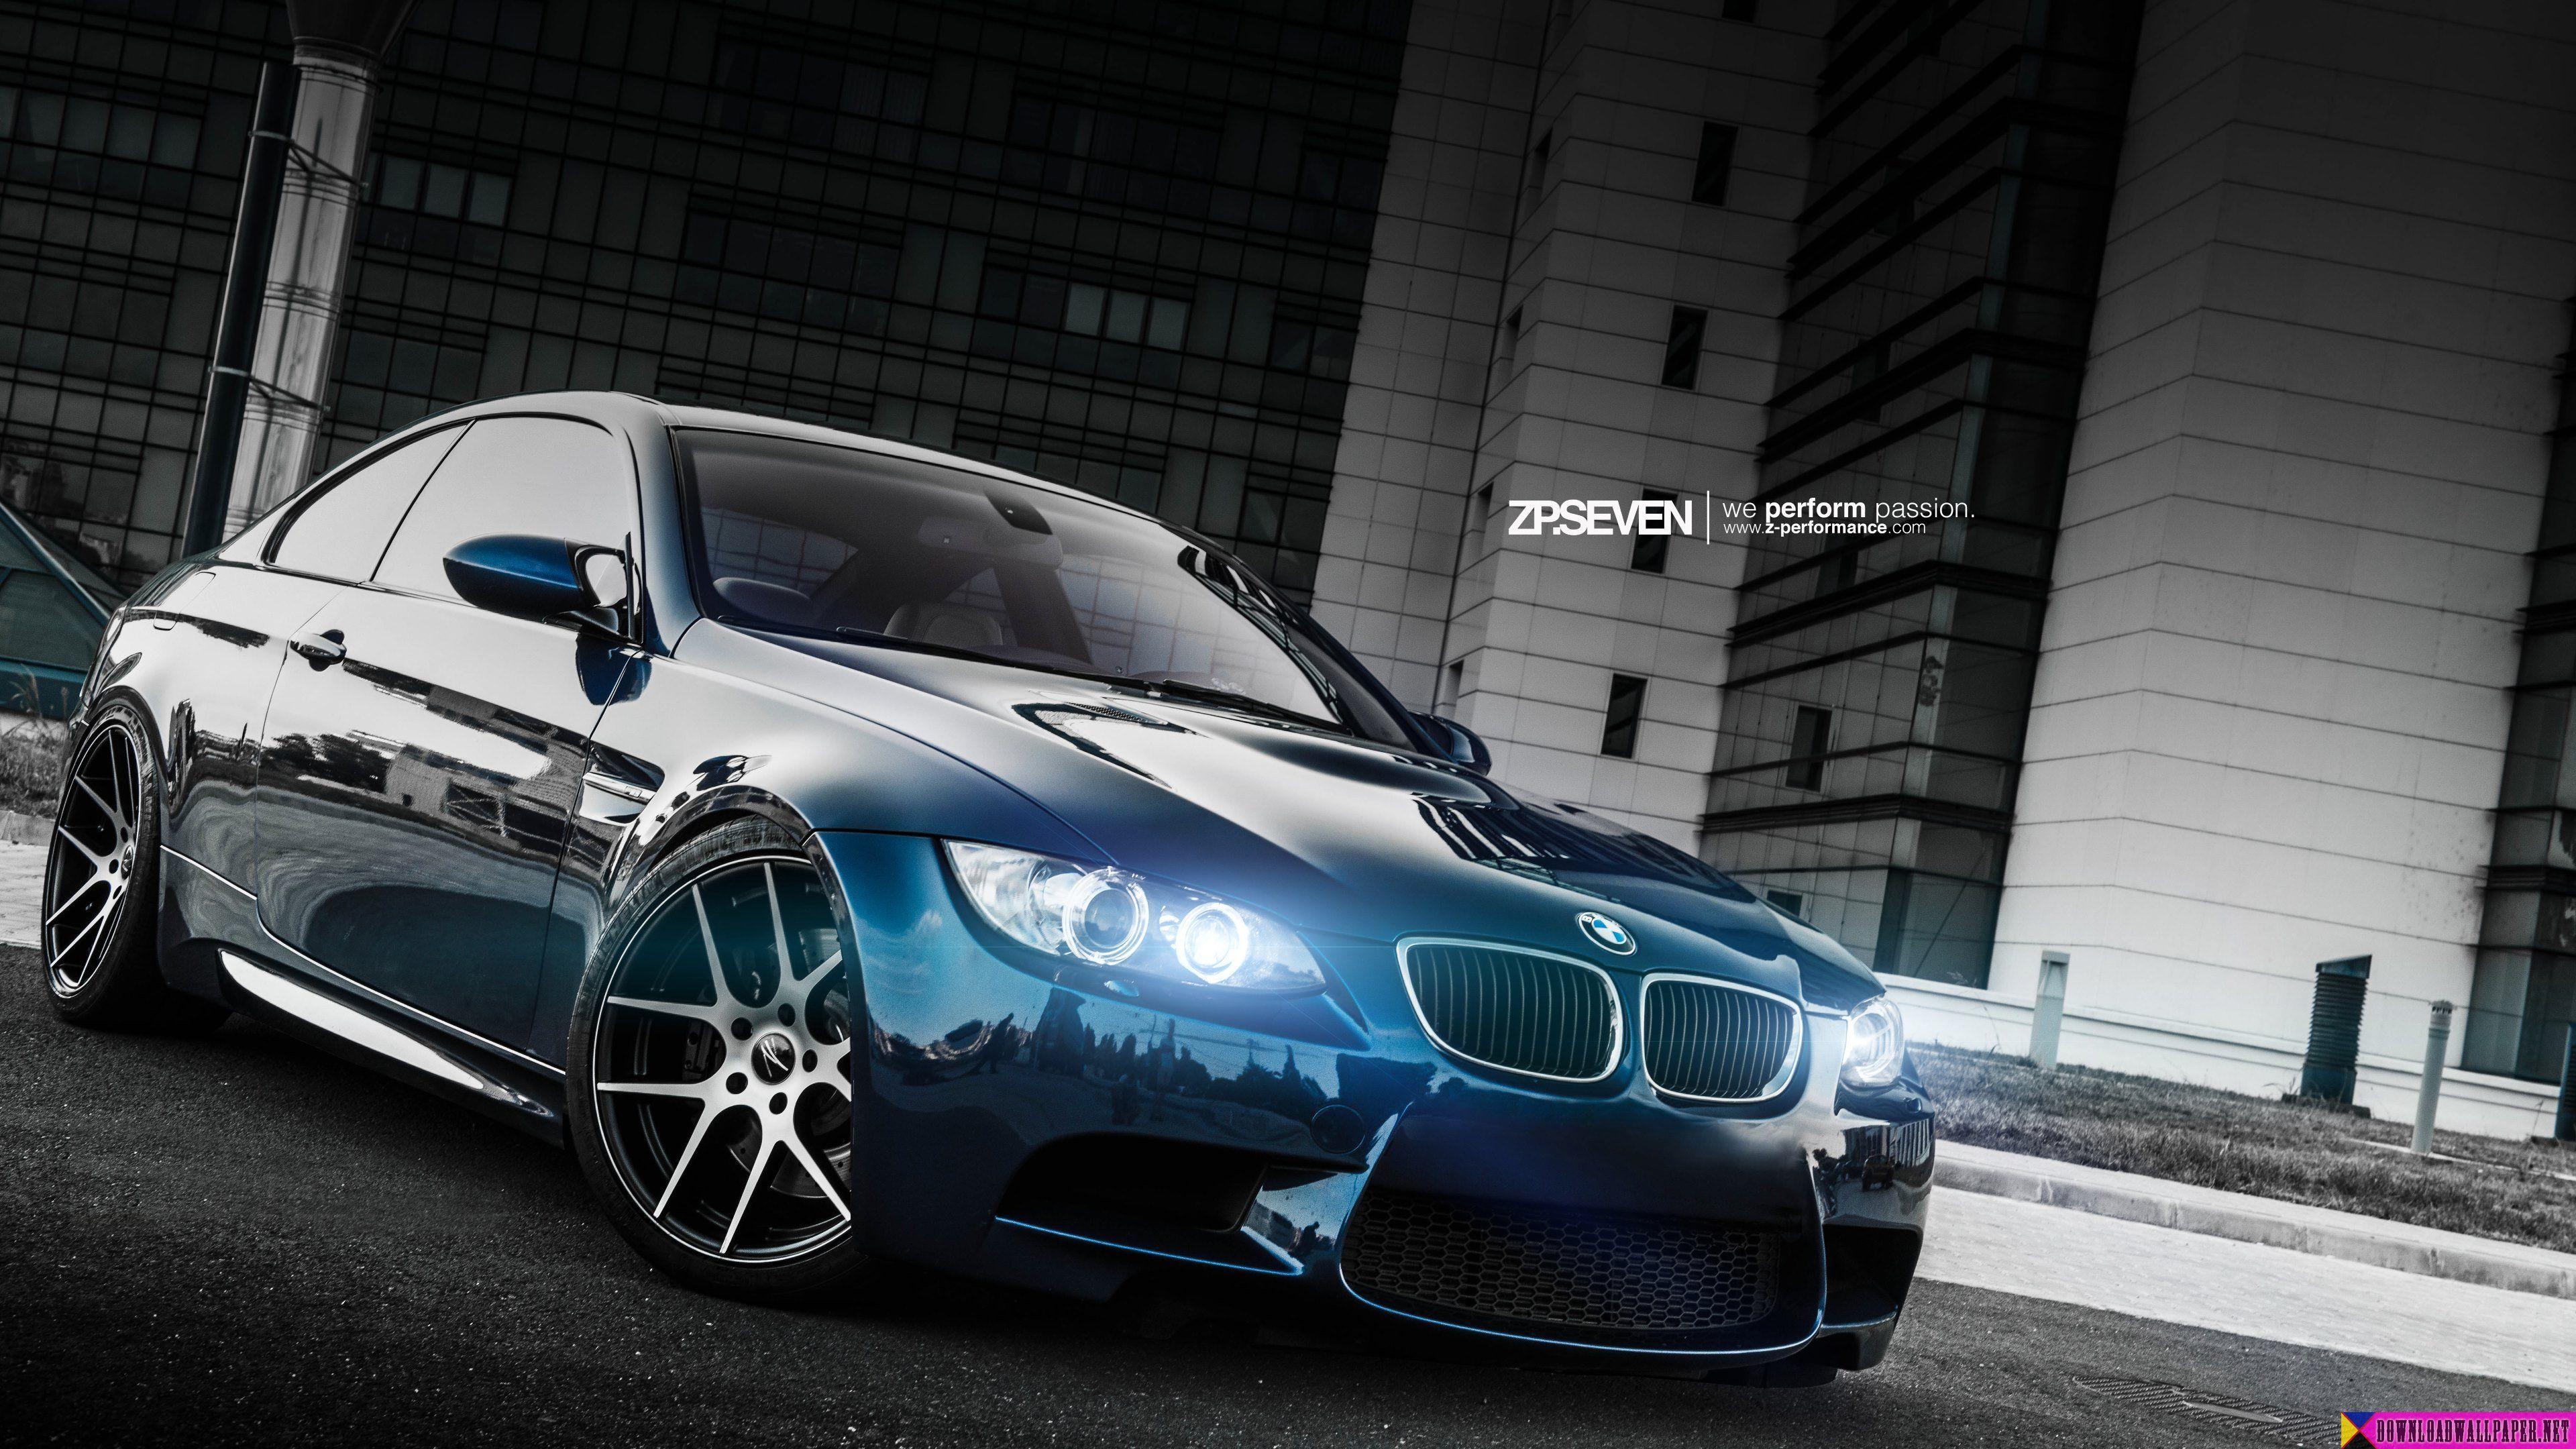 bmw m3 desktop 4k hd wallpaper | cars wallpaper | pinterest | bmw m3